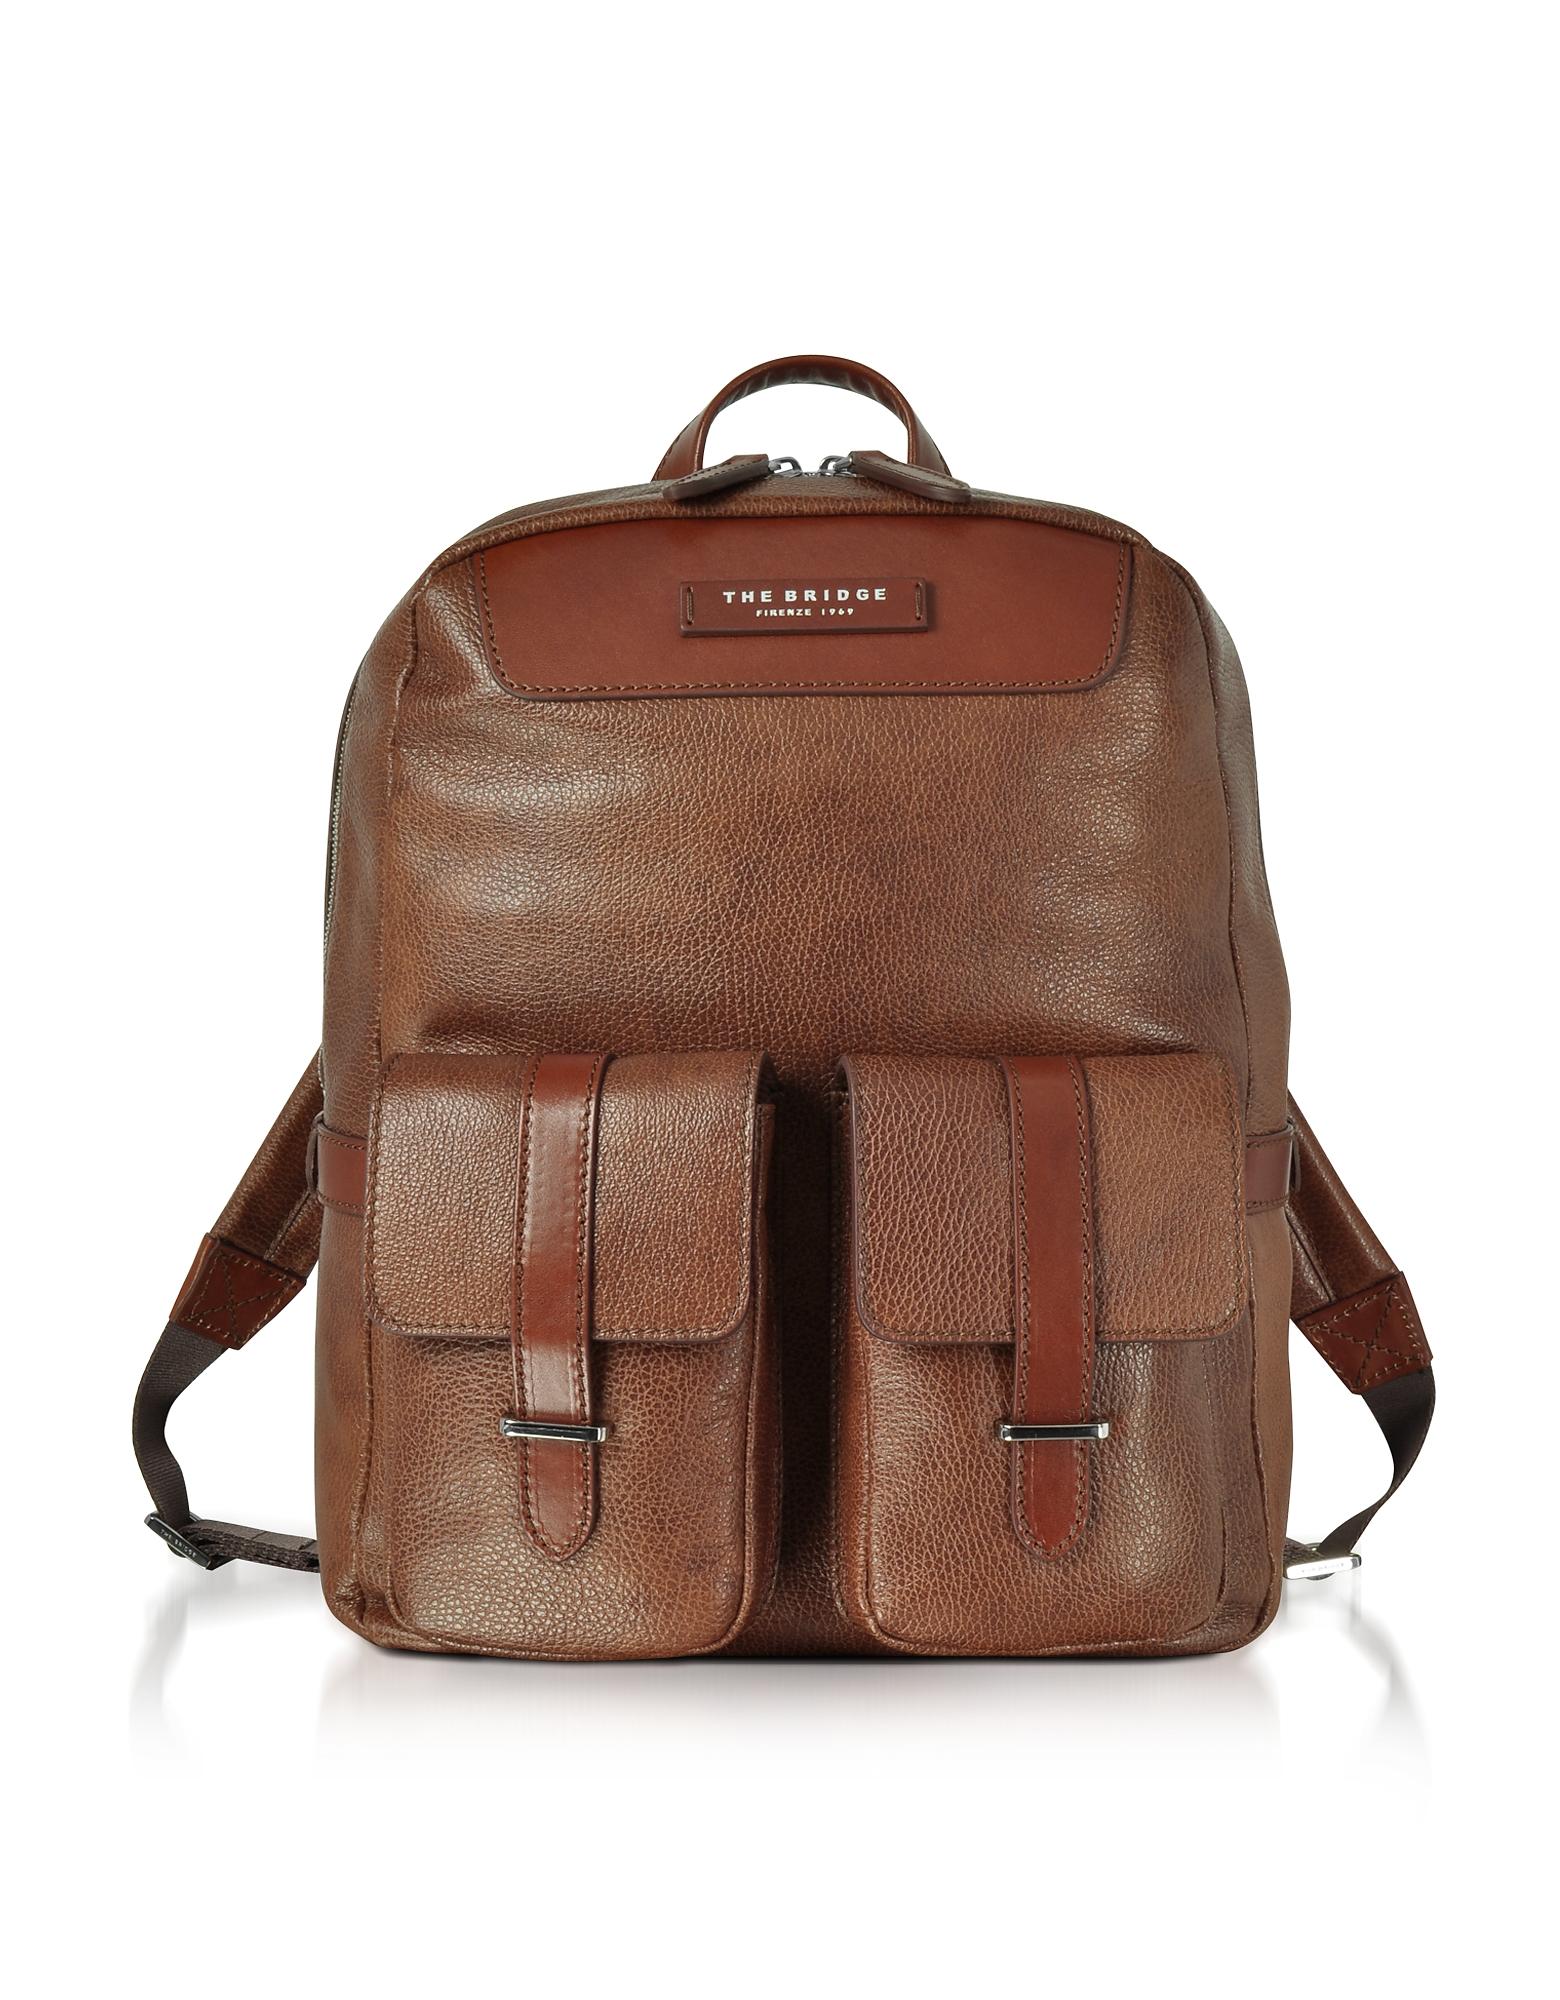 Коричневый Кожаный Рюкзак с Двумя Карманами Спереди